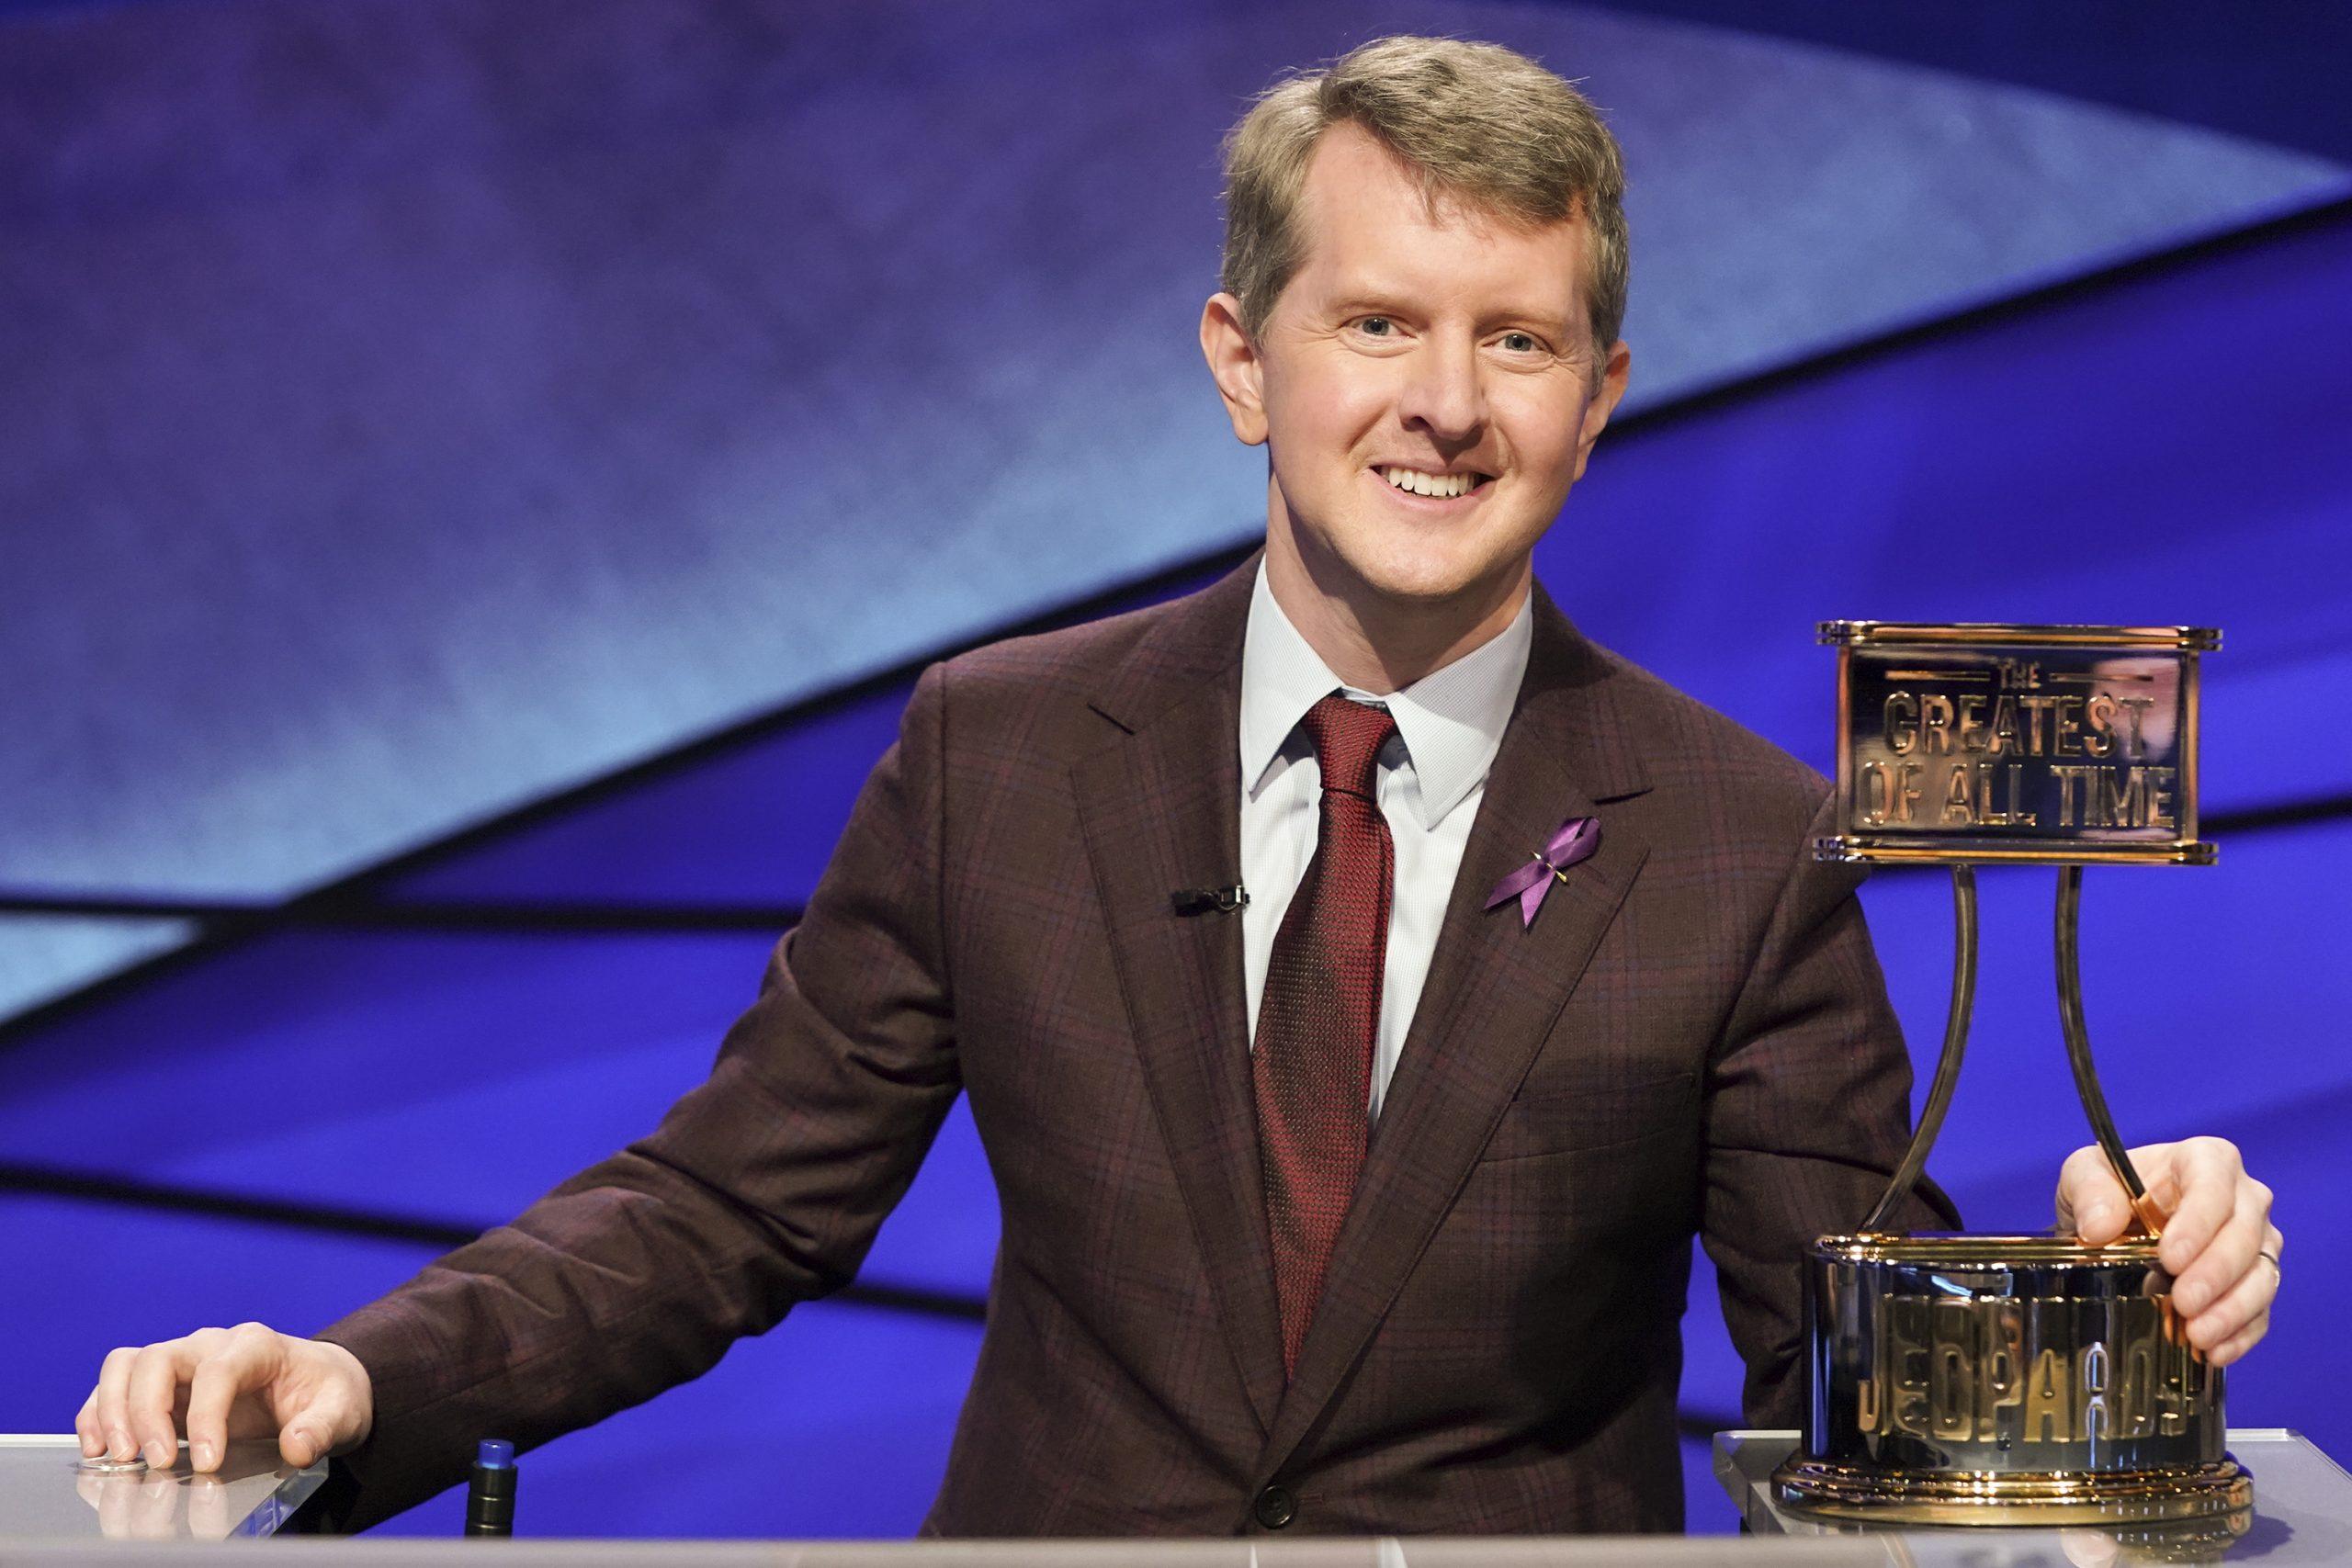 'Jeopardy!' GOAT Ken Jennings